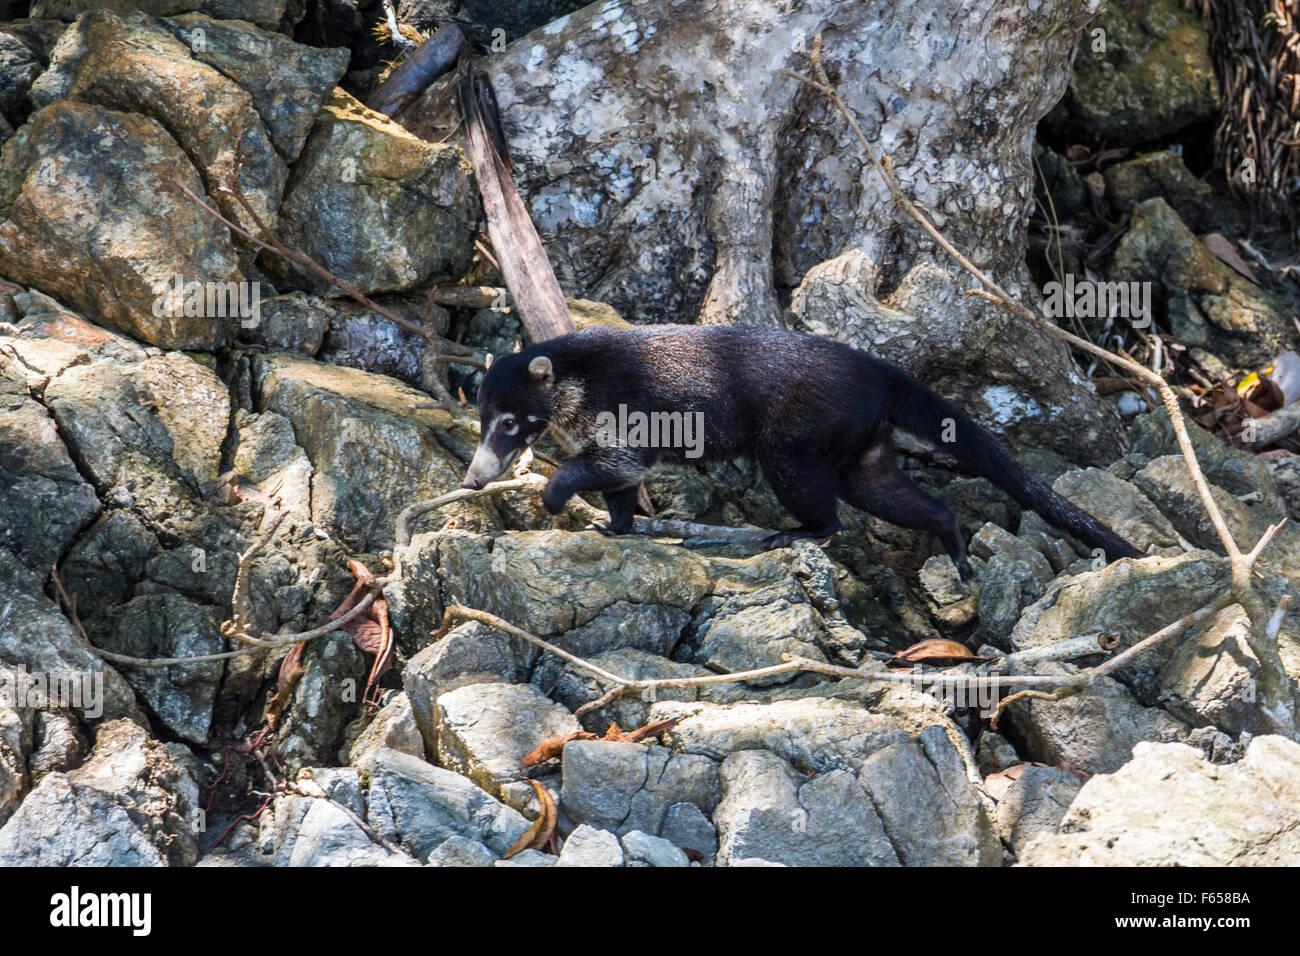 Coati in the jungle of Costa Rica - Stock Image